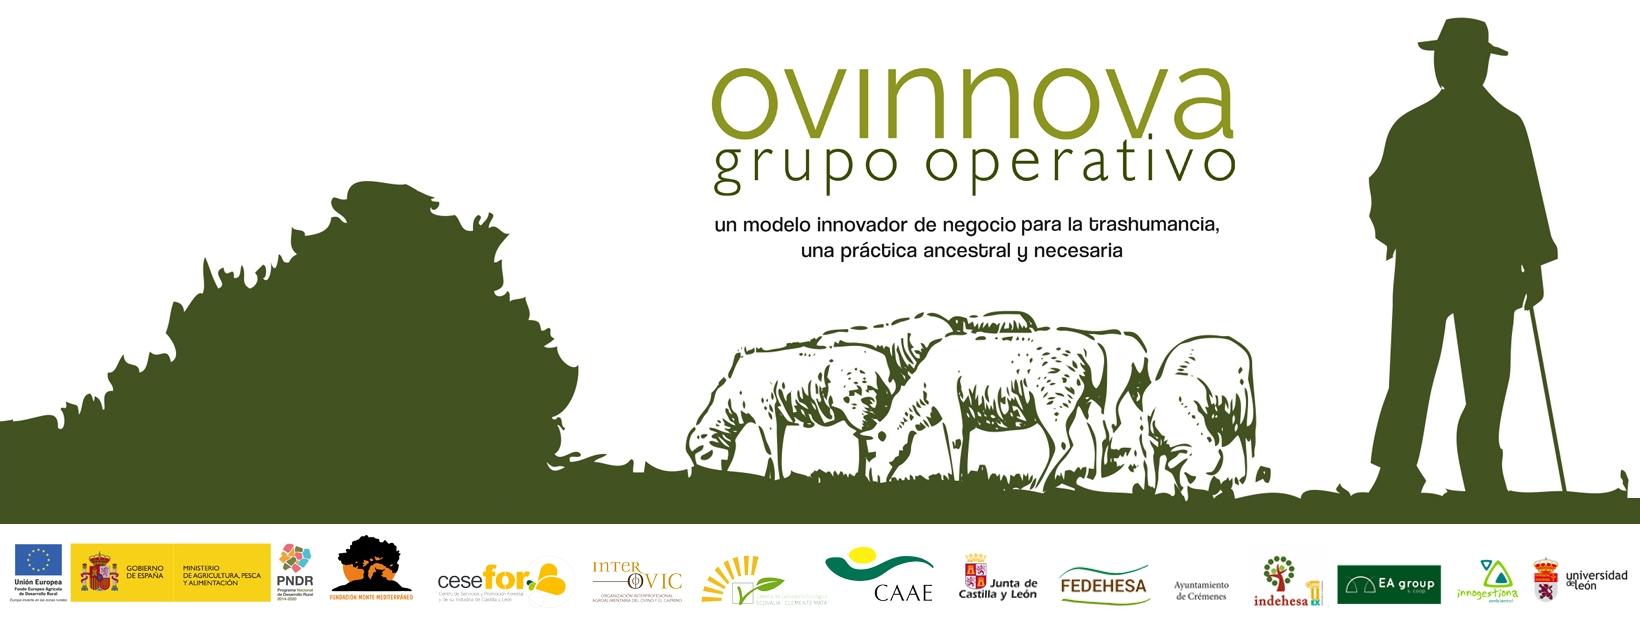 Presentación del Grupo Operativo OVINNOVA a ganaderos en Torrecampo (Córdoba)